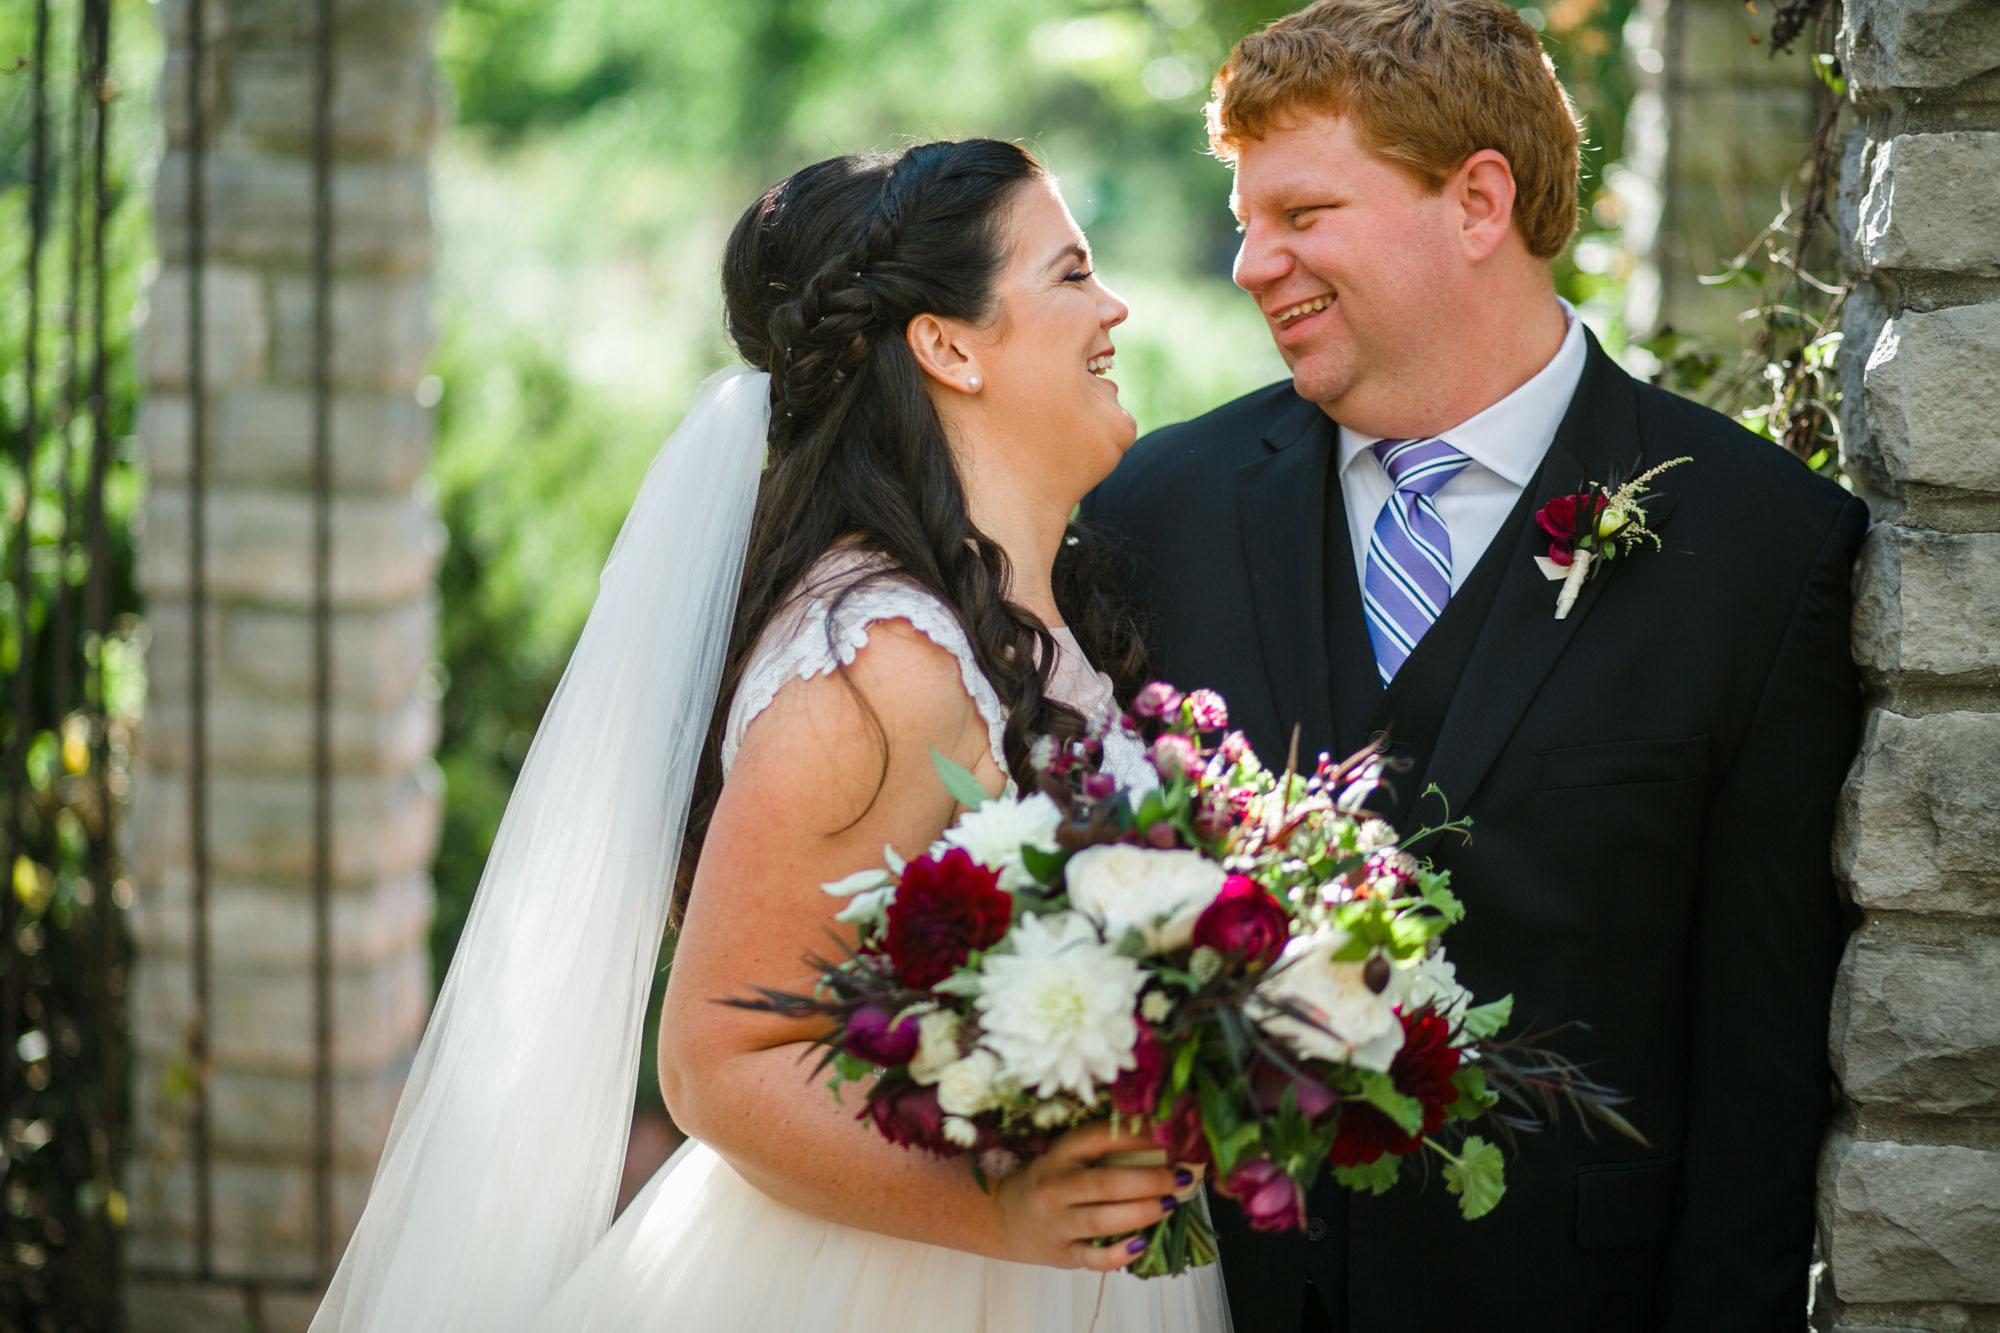 toledo-zoo-wedding-pictures-6.jpg